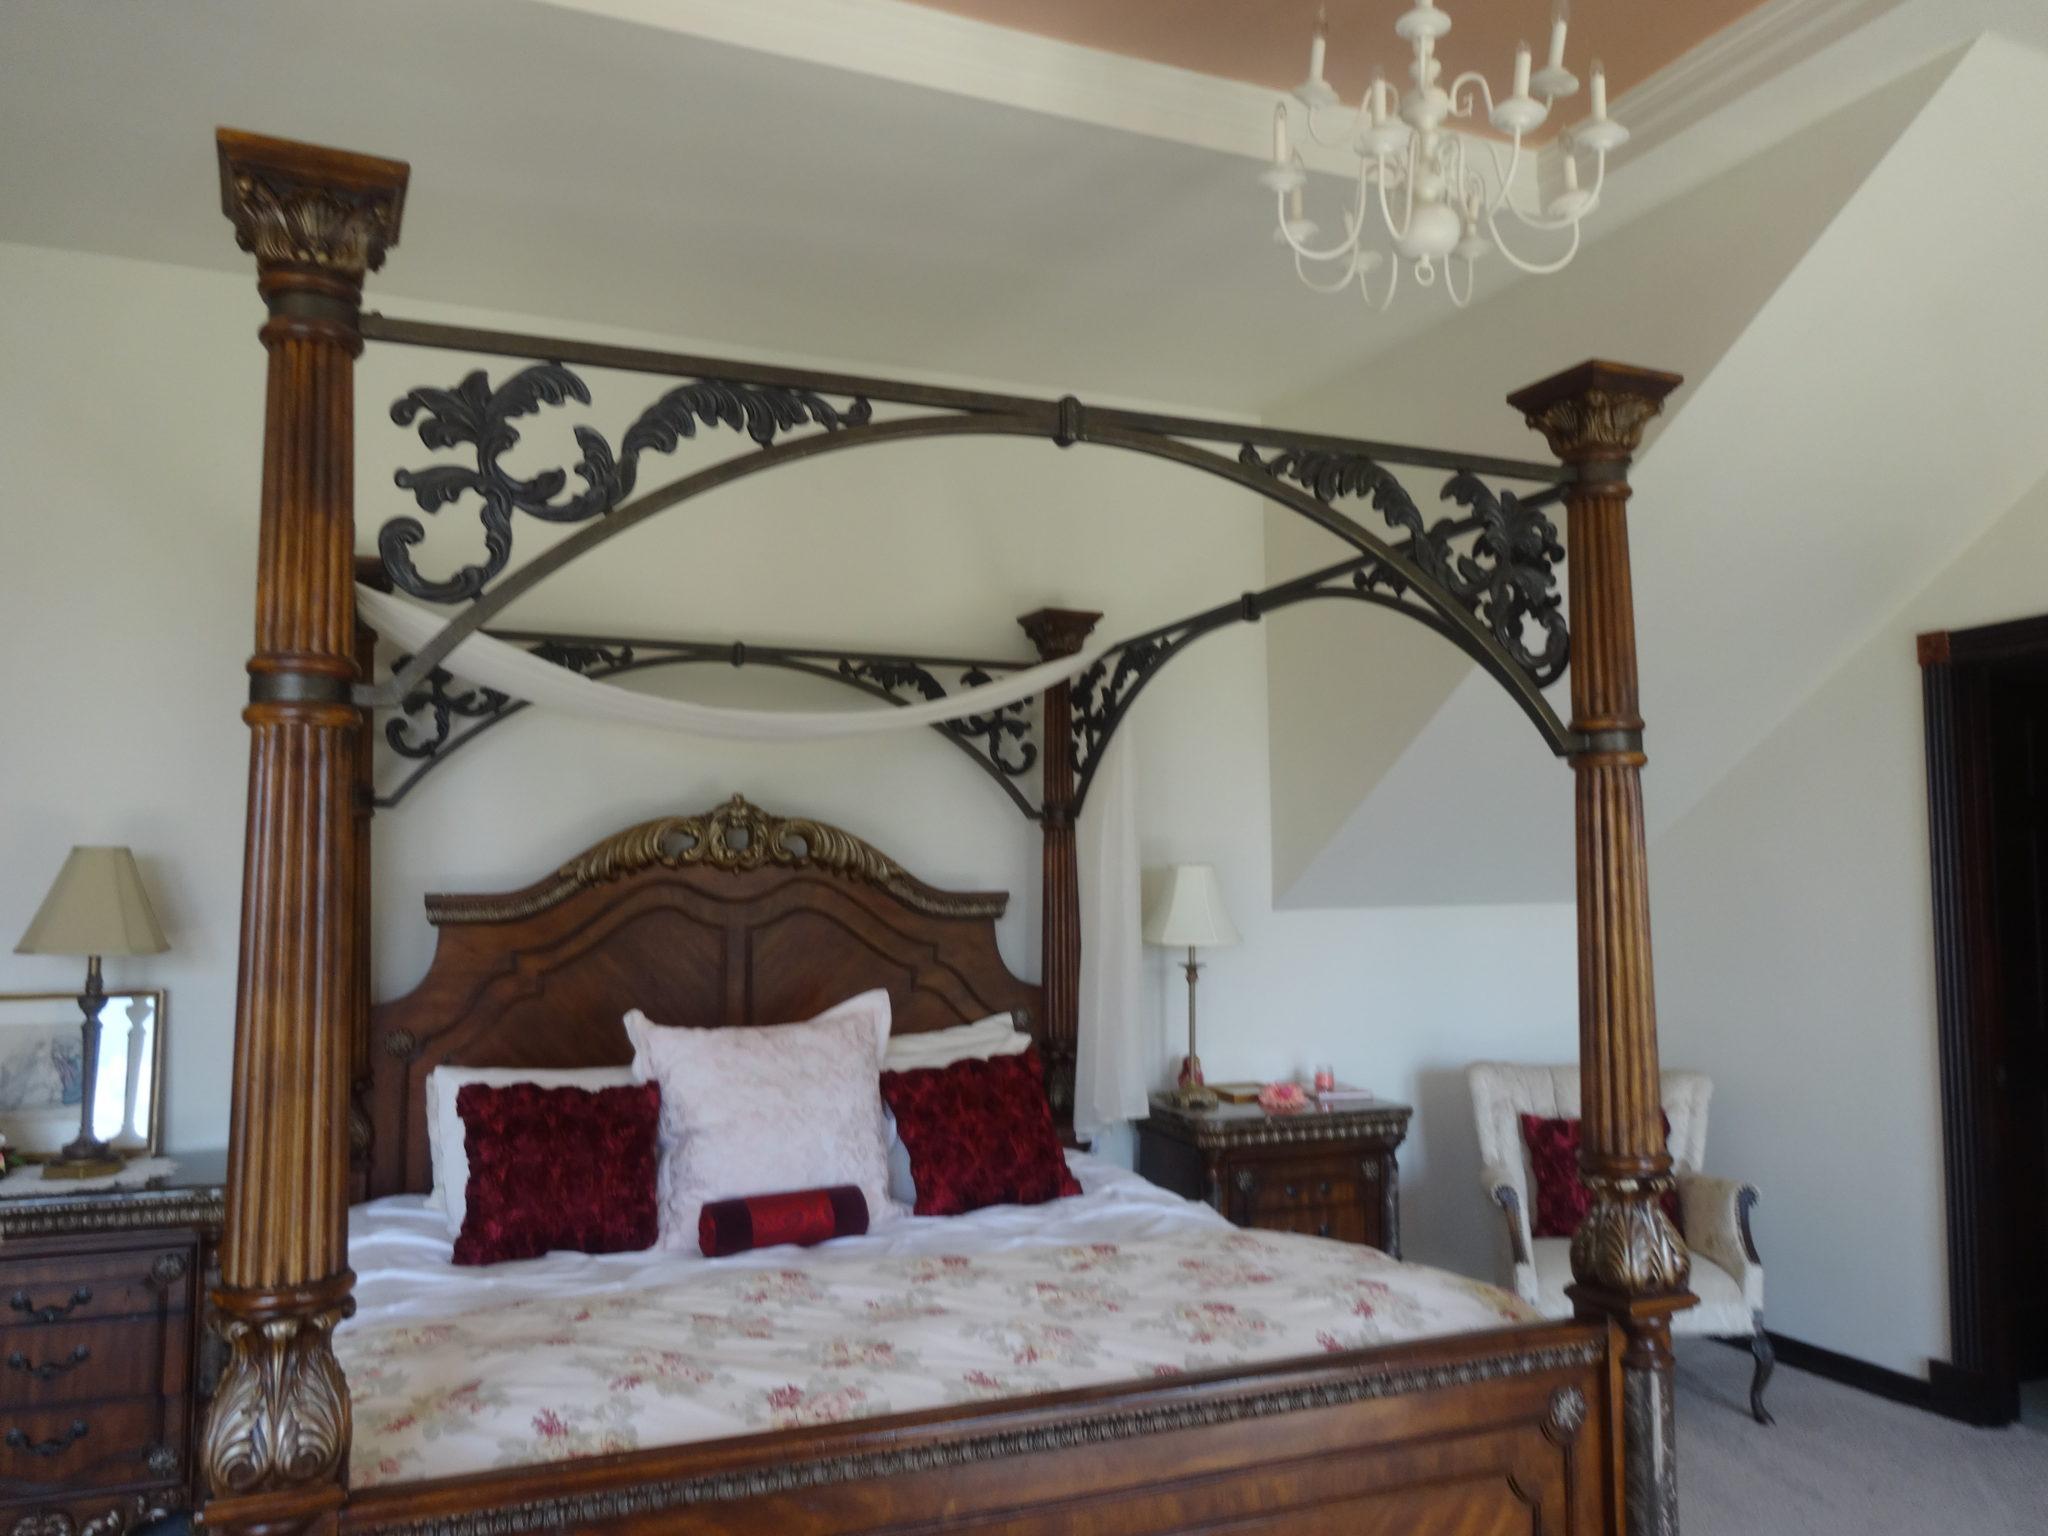 The Empress Estate Hulda Klager Lilac Gardens 5 7 14 012